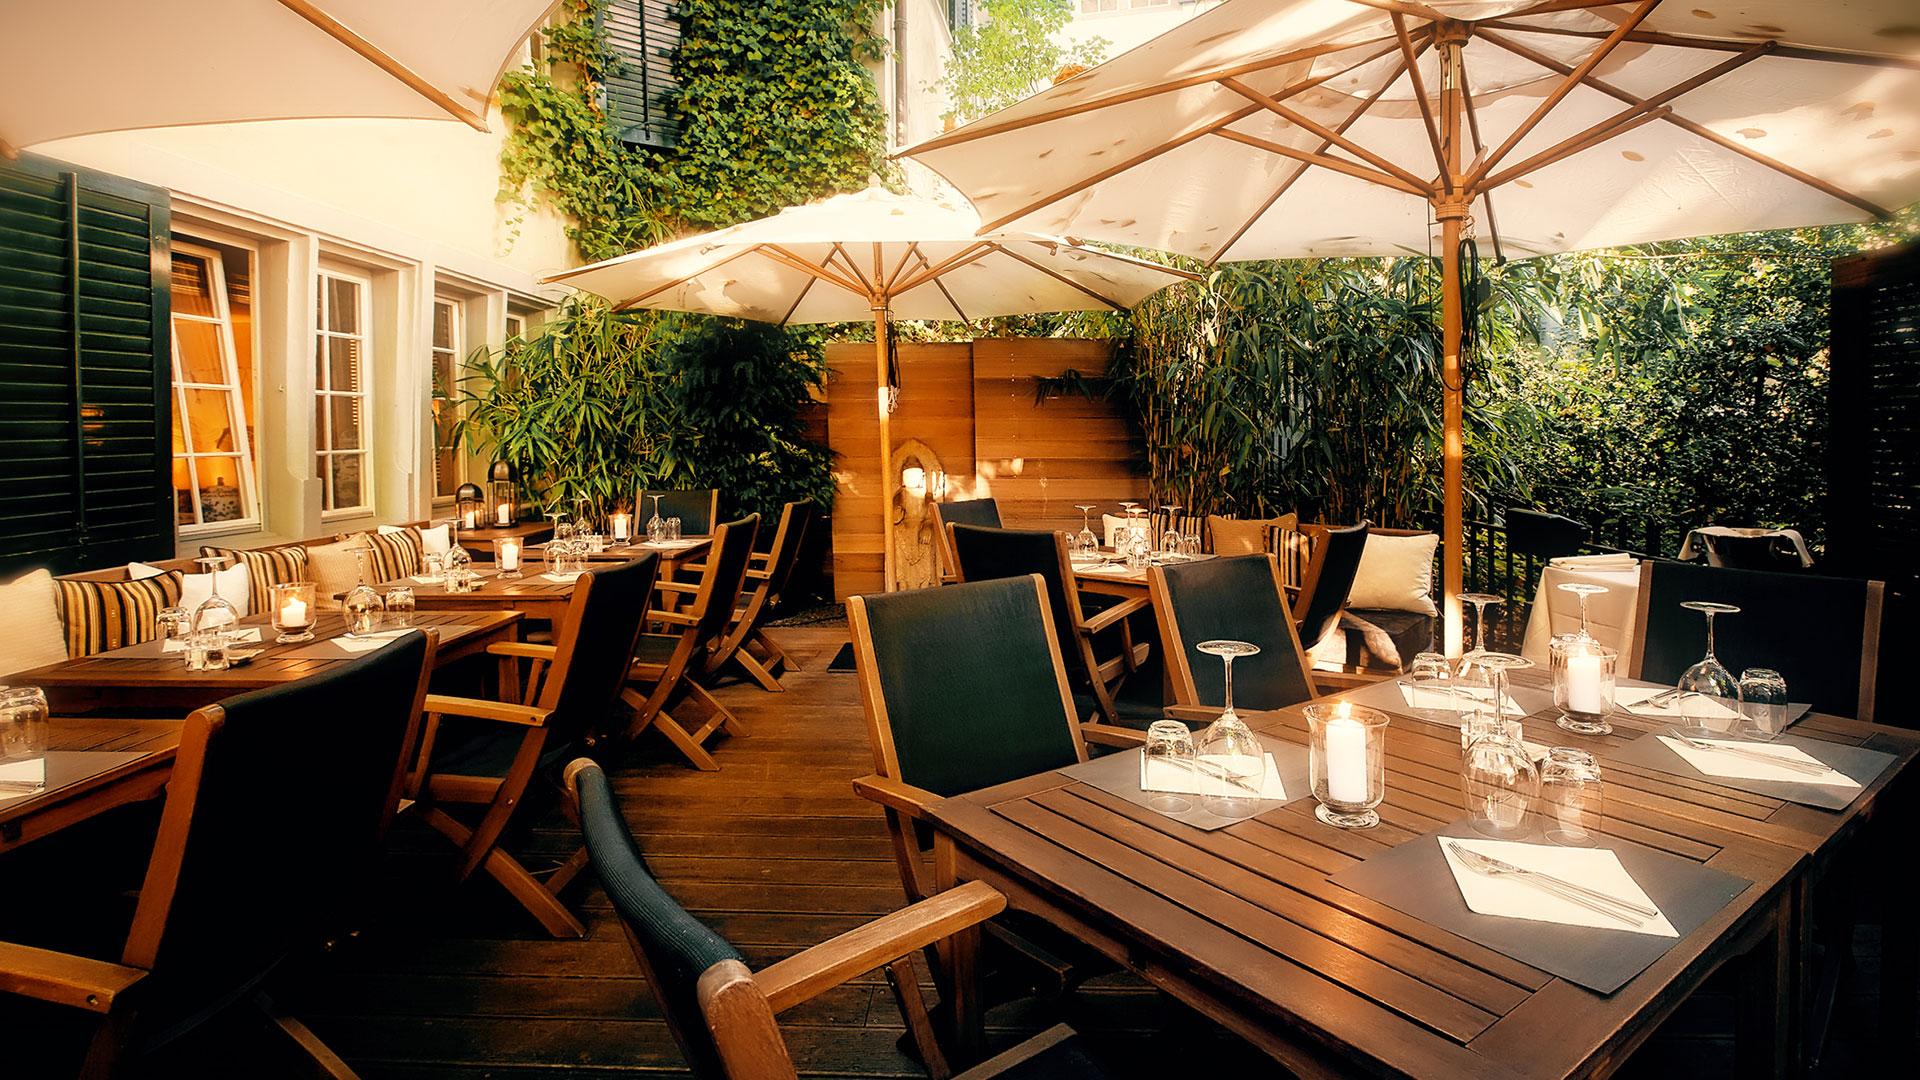 Garten terrasse  Taos Restaurant Bar Zurich – Restaurant, Bar und Smoker's Lounge ...